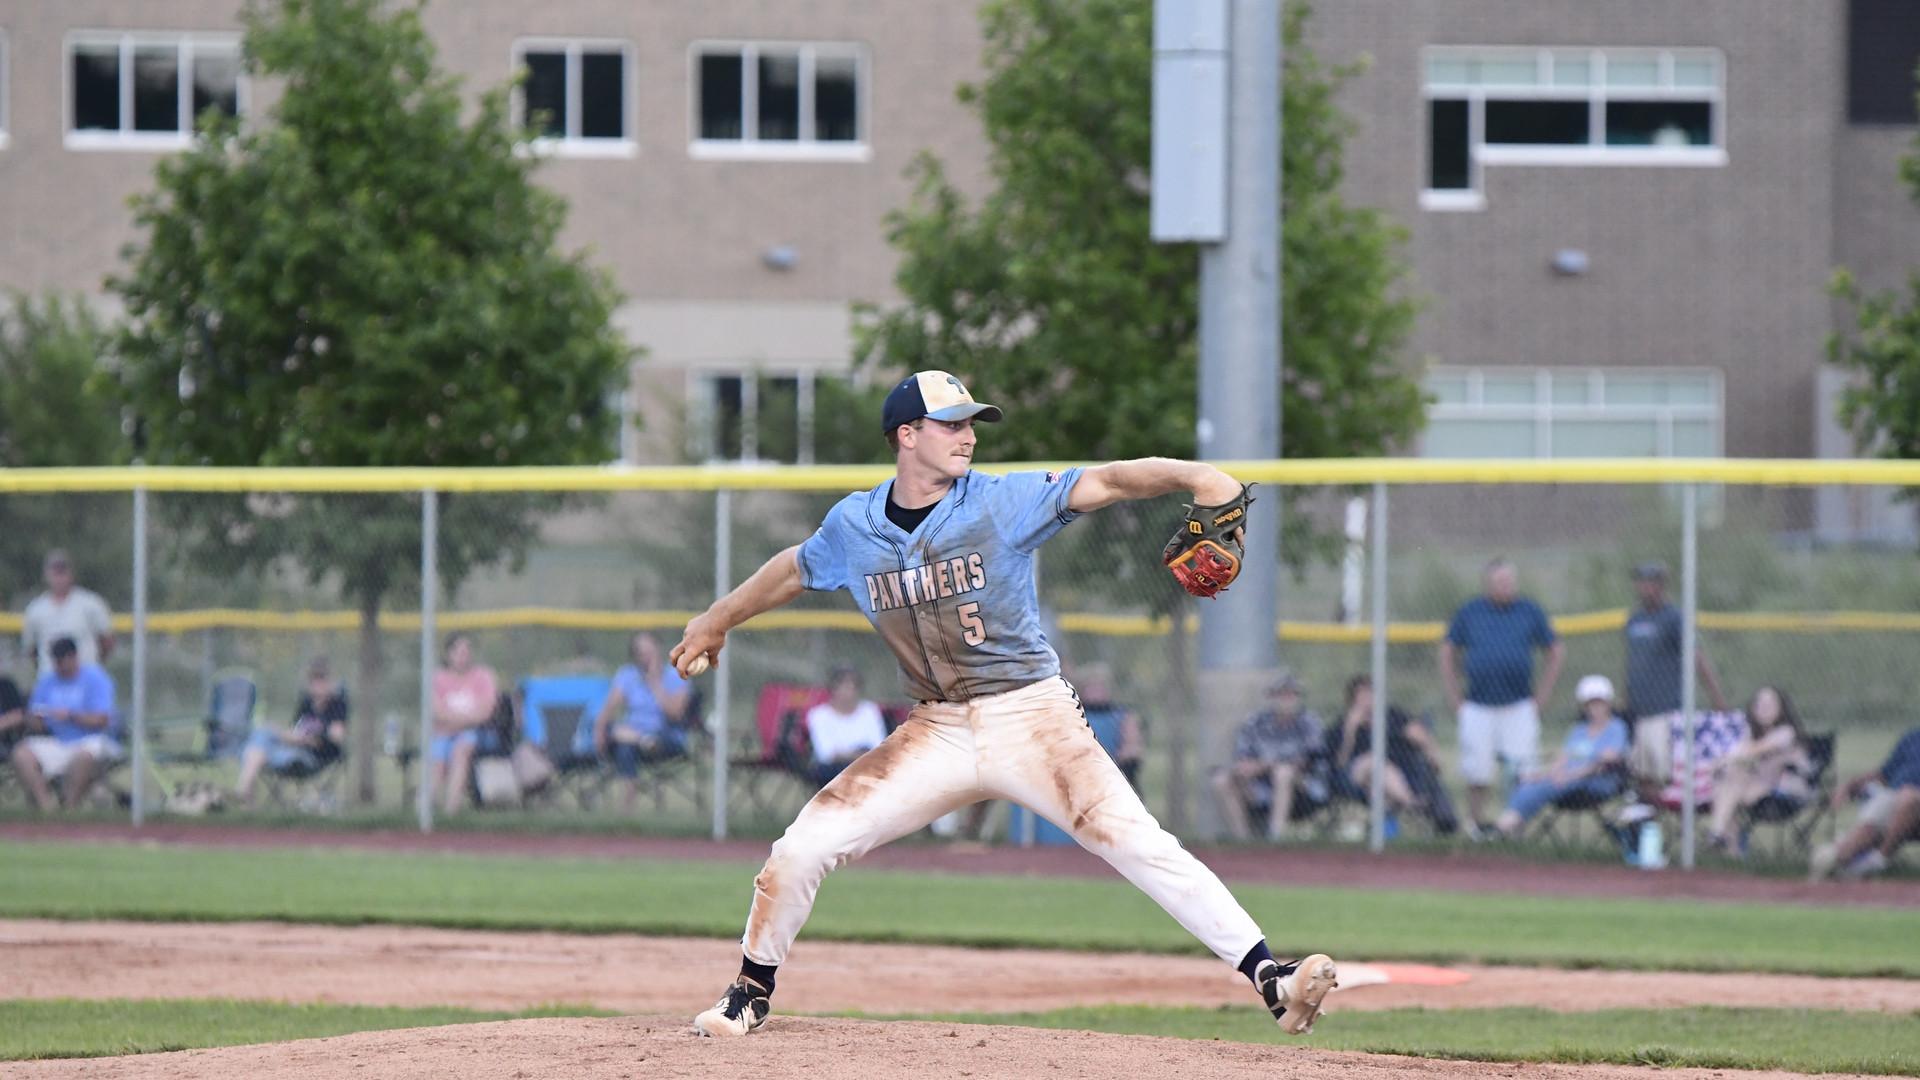 luke south pitching.jpg